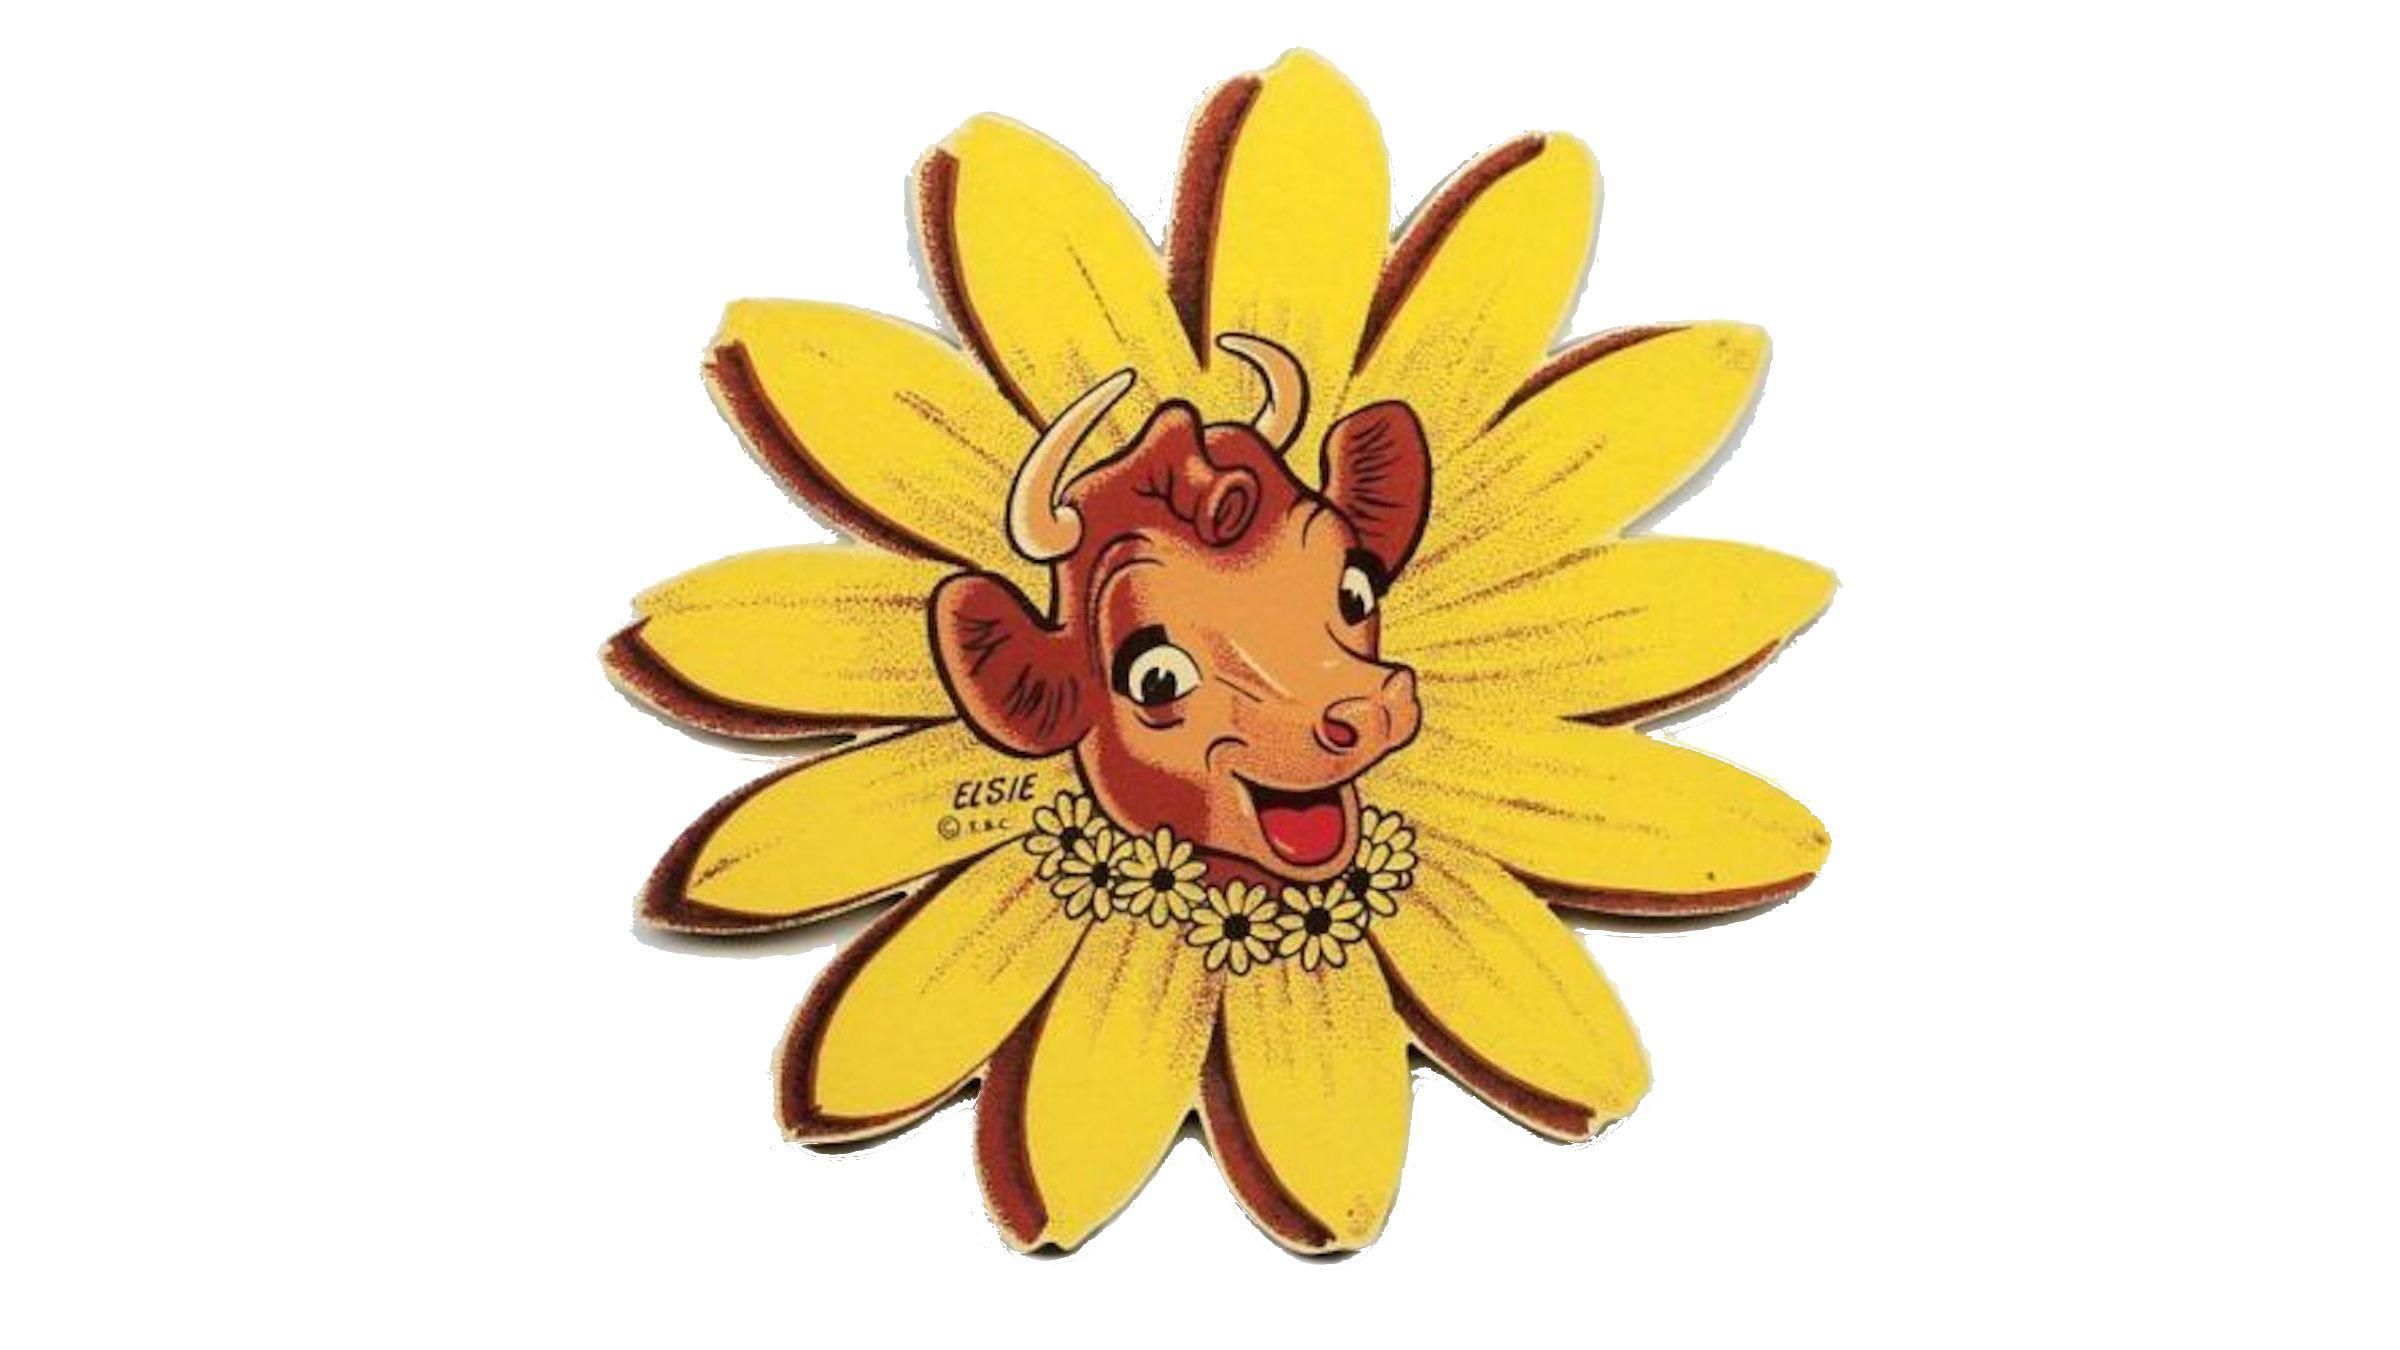 Elsie the Cow daisy logo